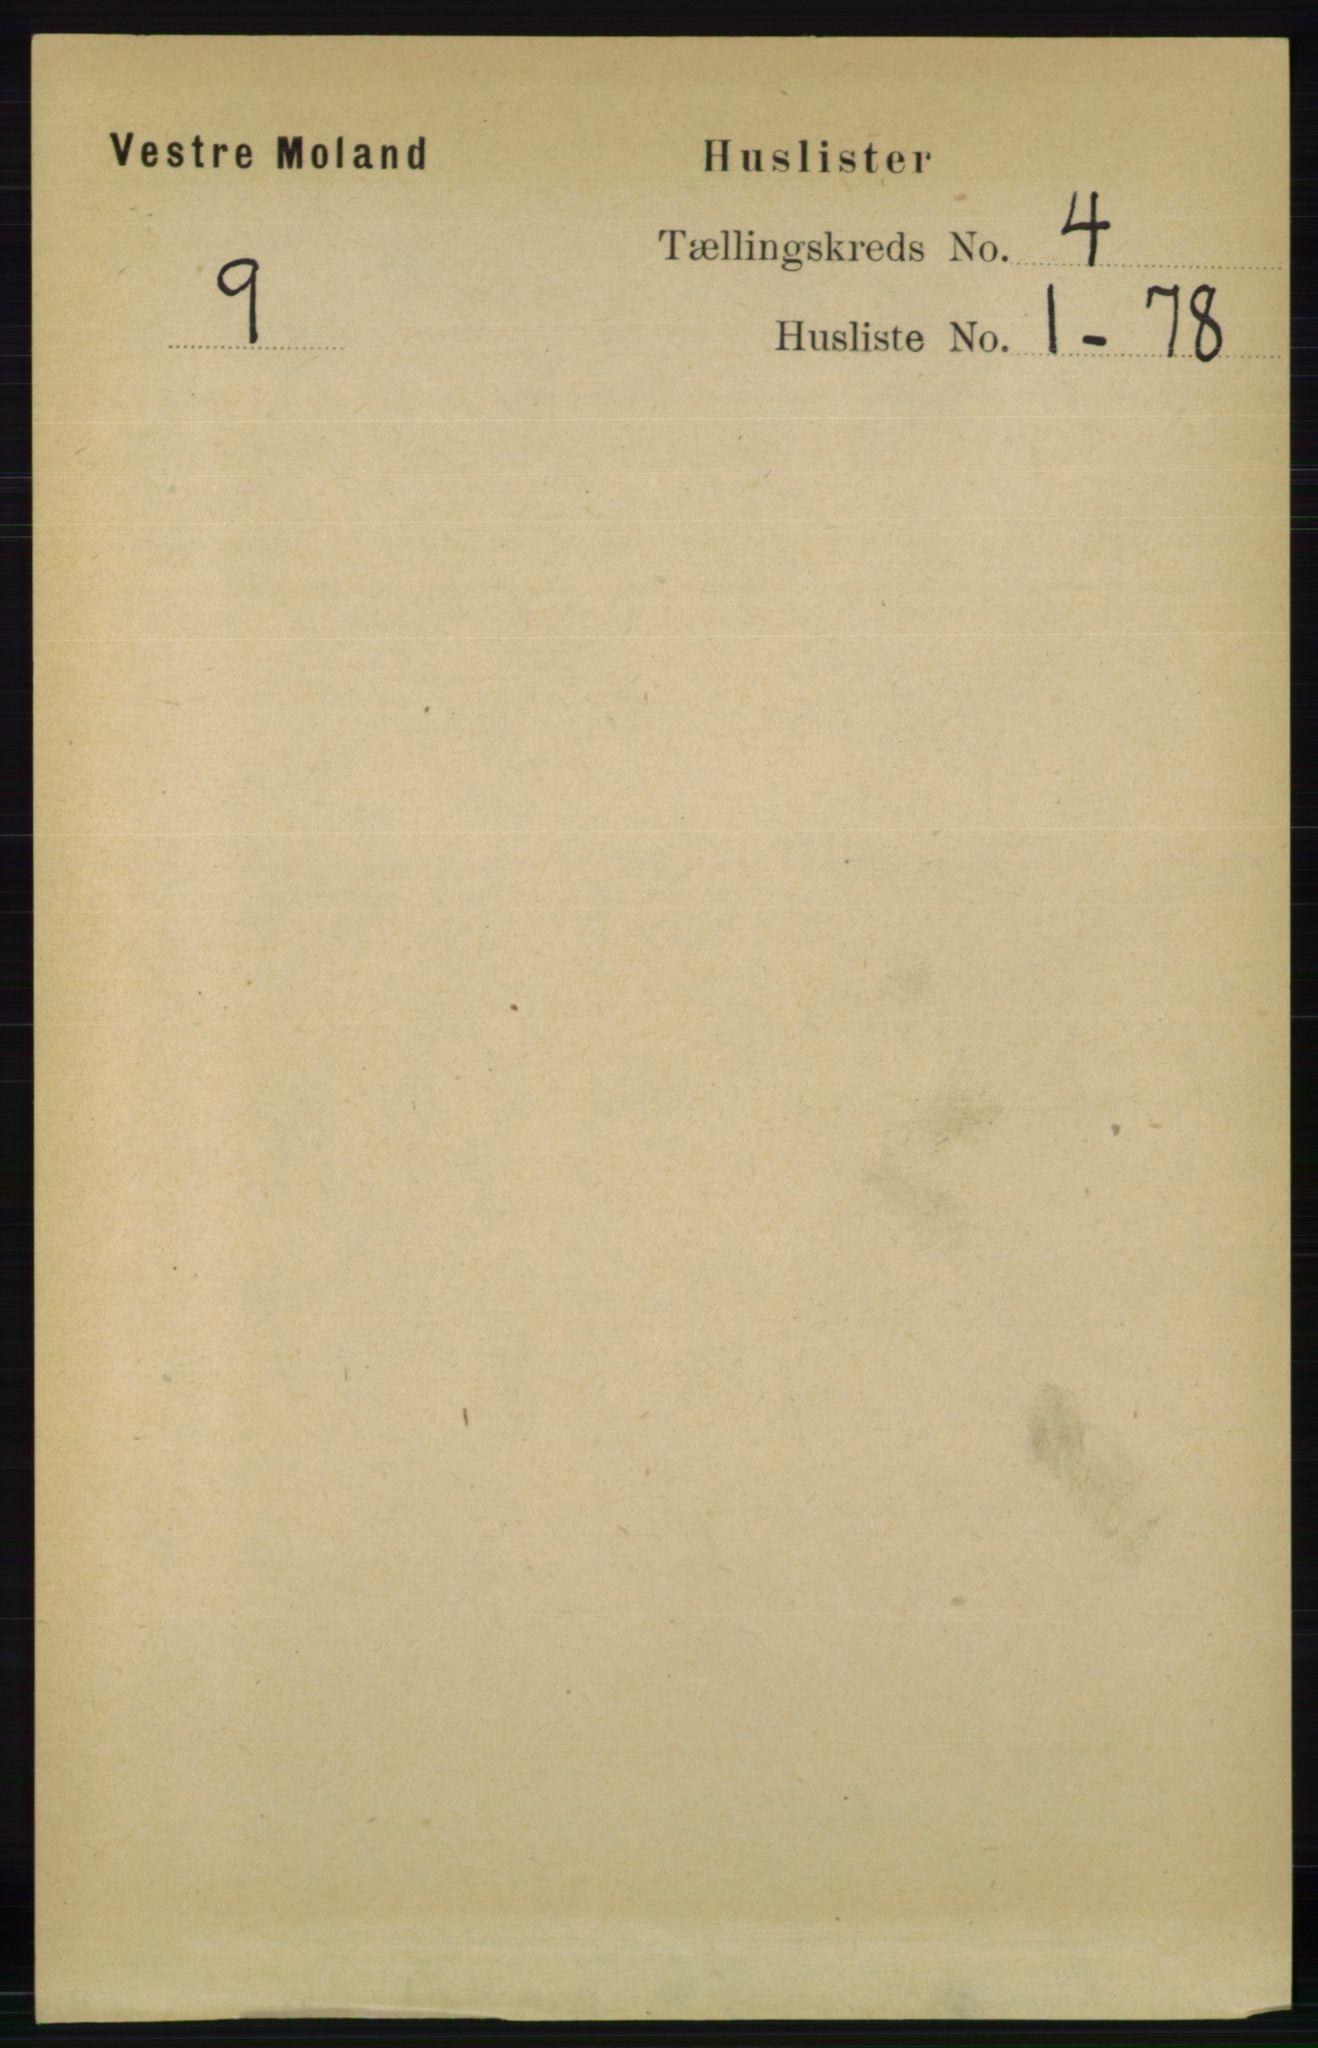 RA, Folketelling 1891 for 0926 Vestre Moland herred, 1891, s. 1141